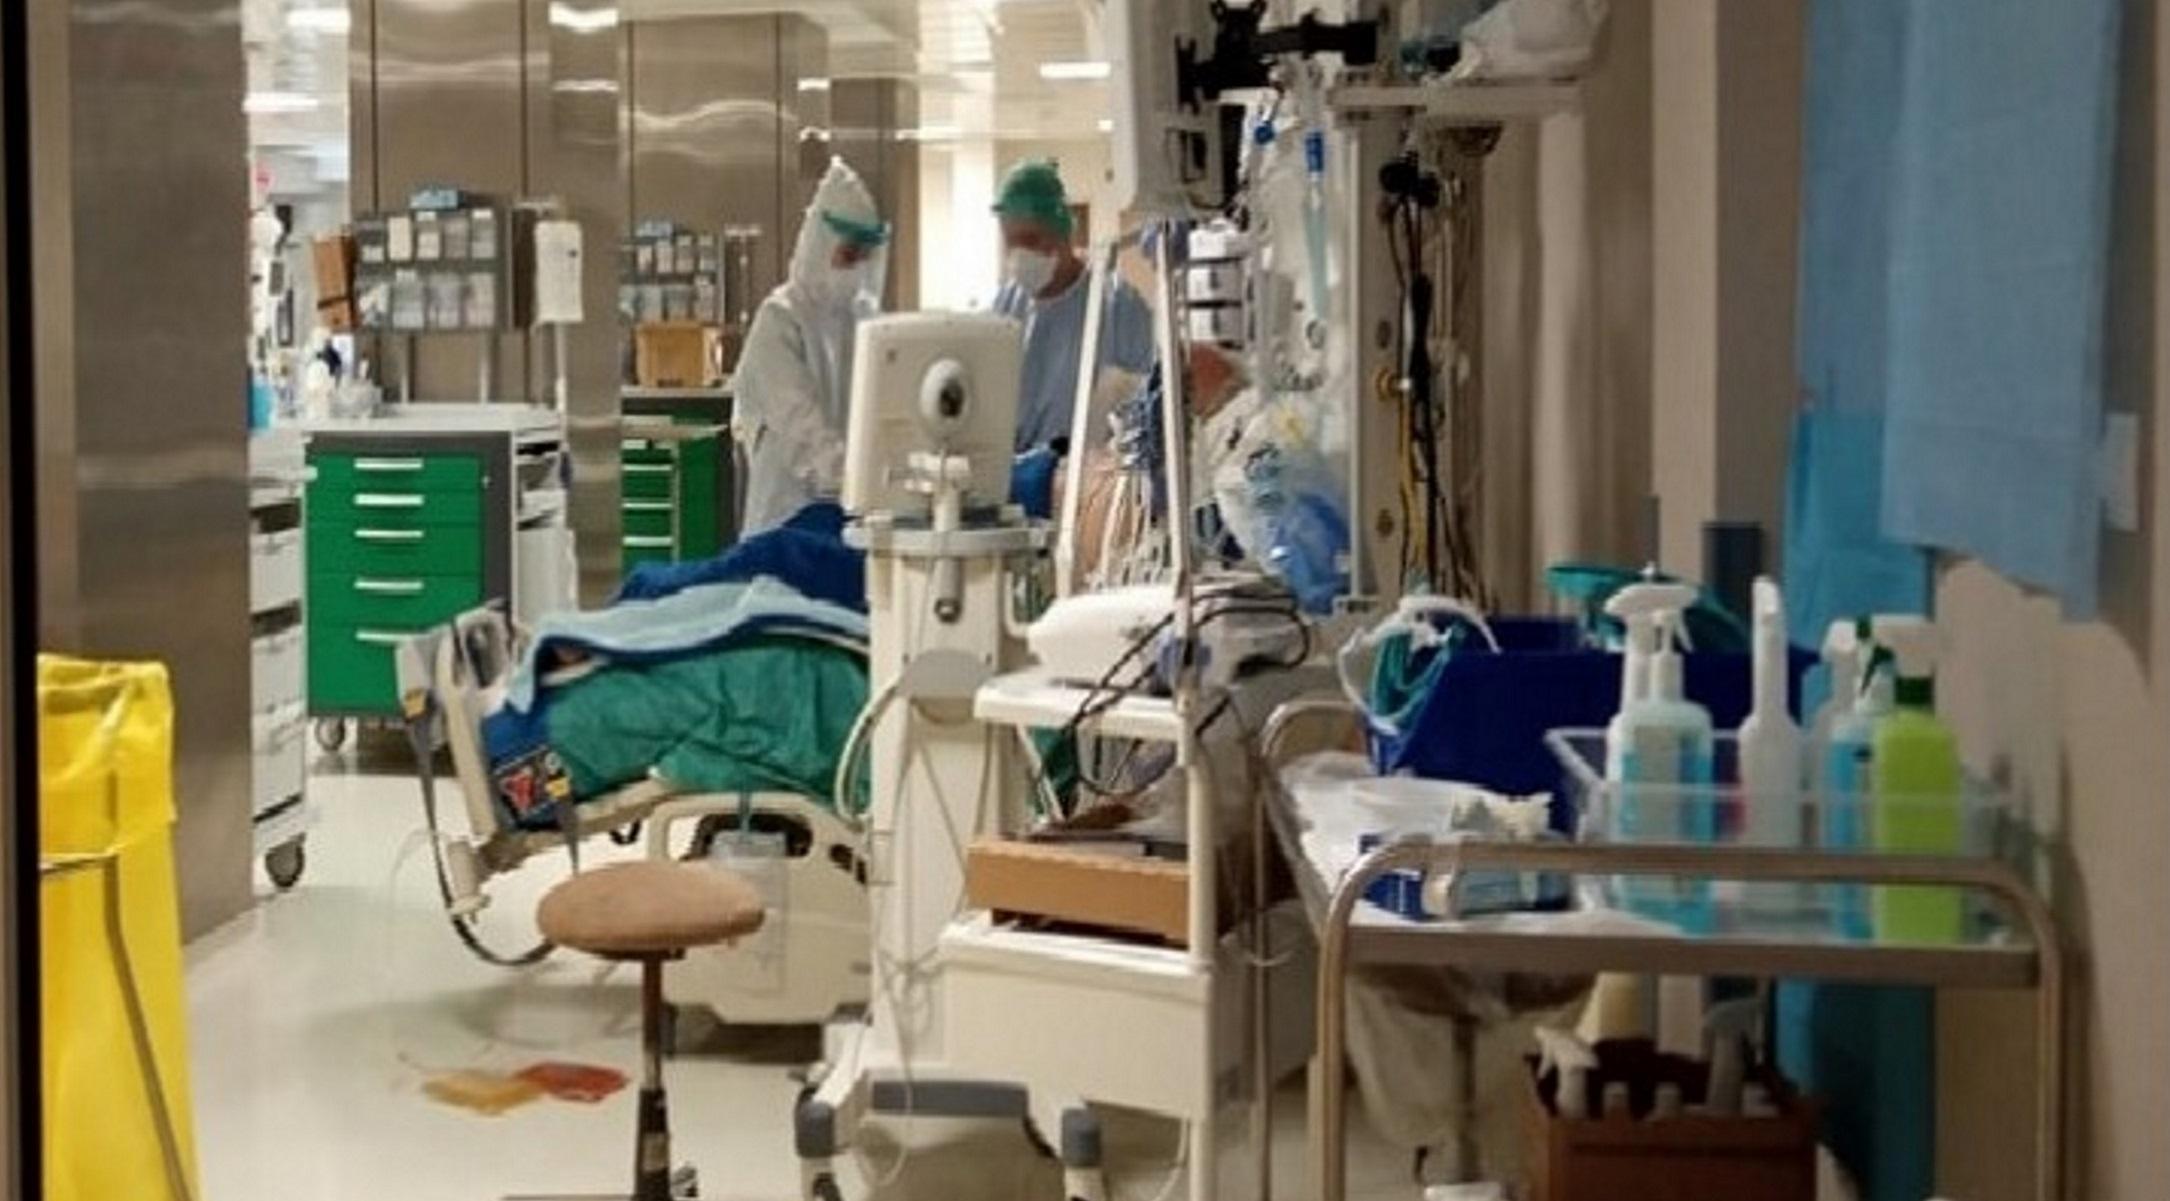 Κορονοϊός – Φθιώτιδα: Έχασε τη μάχη 67χρονος που νοσηλευόταν στη ΜΕΘ δύο μήνες